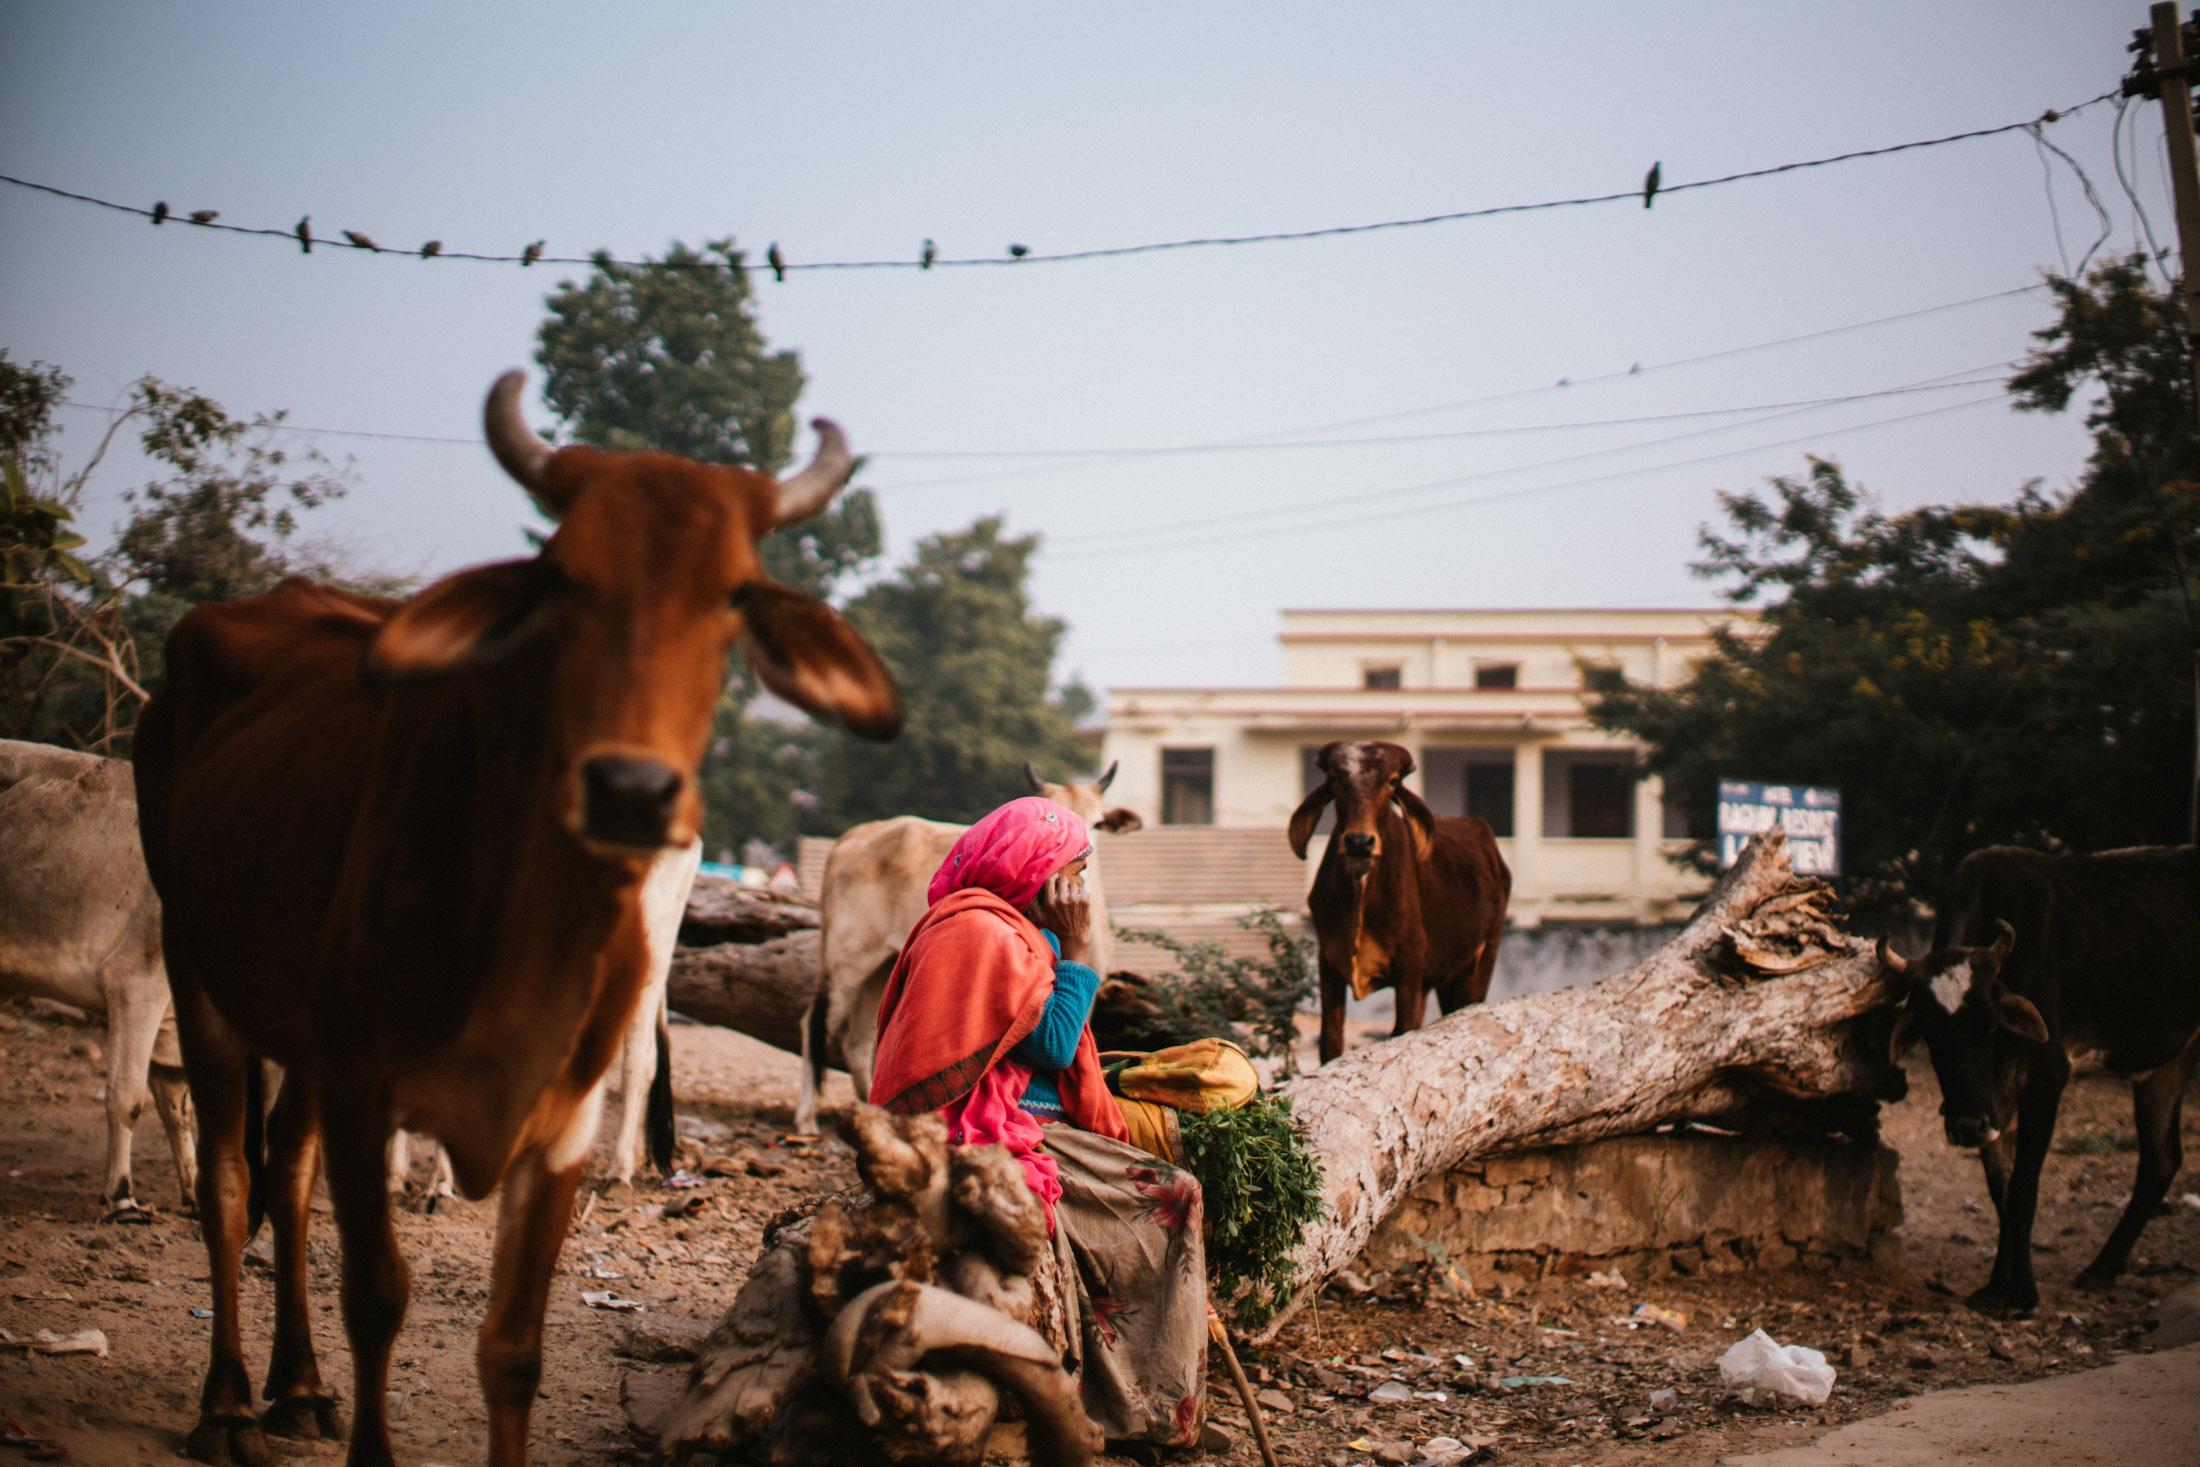 Pushkar Nov 2017-Dean Raphael Photography-2.jpg